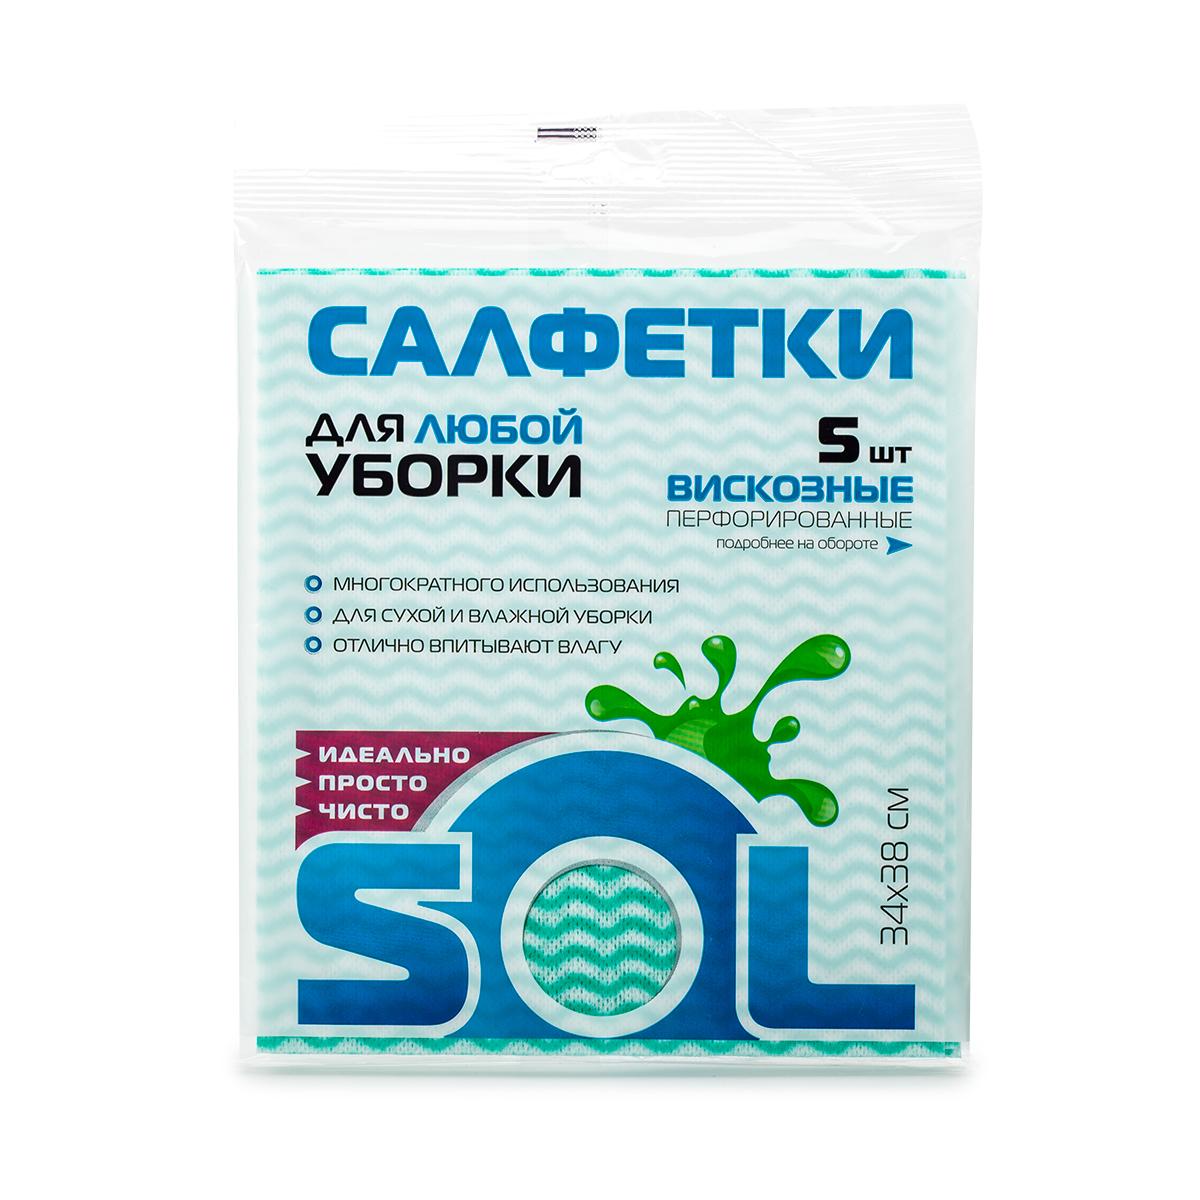 Салфетка для уборки Sol из вискозы, перфорированная, 34 x 38 см, цвет: салатовый, 5 шт10005/10053Перфорированные салфетки для уборки Sol выполнены из вискозы предназначены для уборки и могут применяться с различными моющими средствами. Благодаря перфорации изделия быстро сохнут, что позволяет избежать возникновения неприятных запахов. Отлично подходят для полировки различных поверхностей, не оставляют разводов и ворсинок. Рекомендации по уходу: Для обеспечения гигиеничности уборки после применения прополоскать в теплой воде. Для продления срока службы не применять машинную стирку, не гладить и не кипятить.